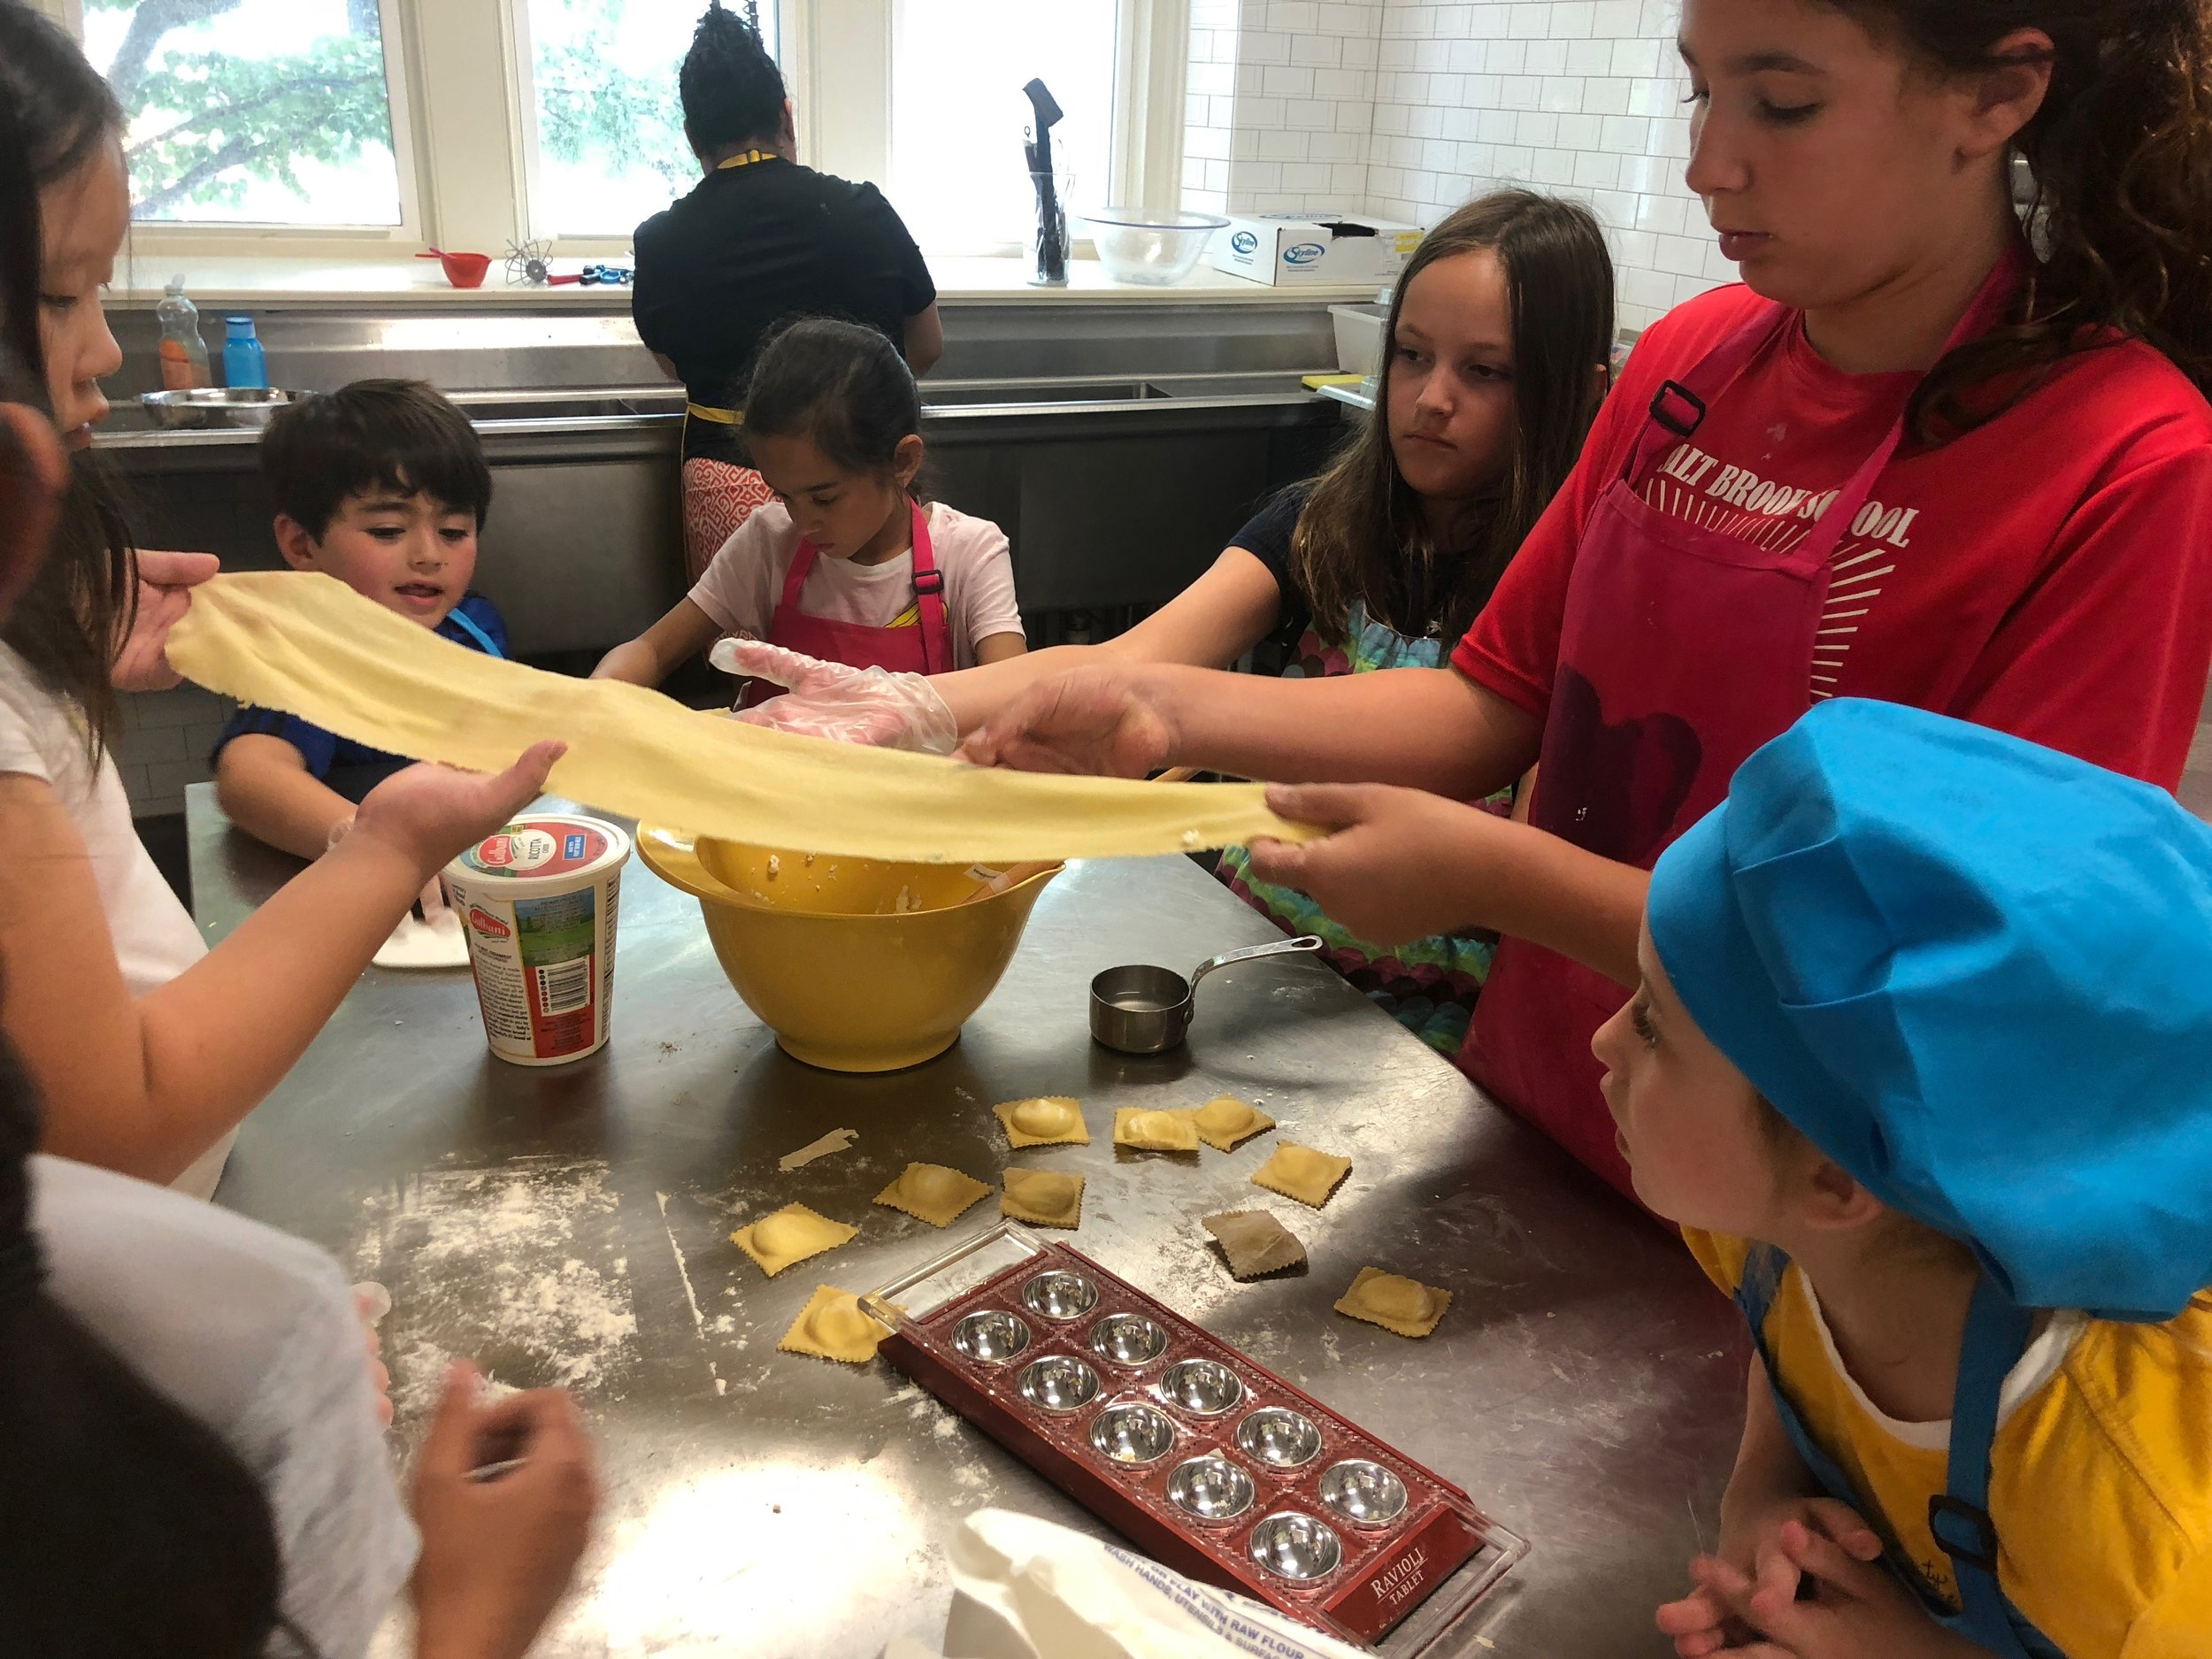 cooking_camp12.jpg